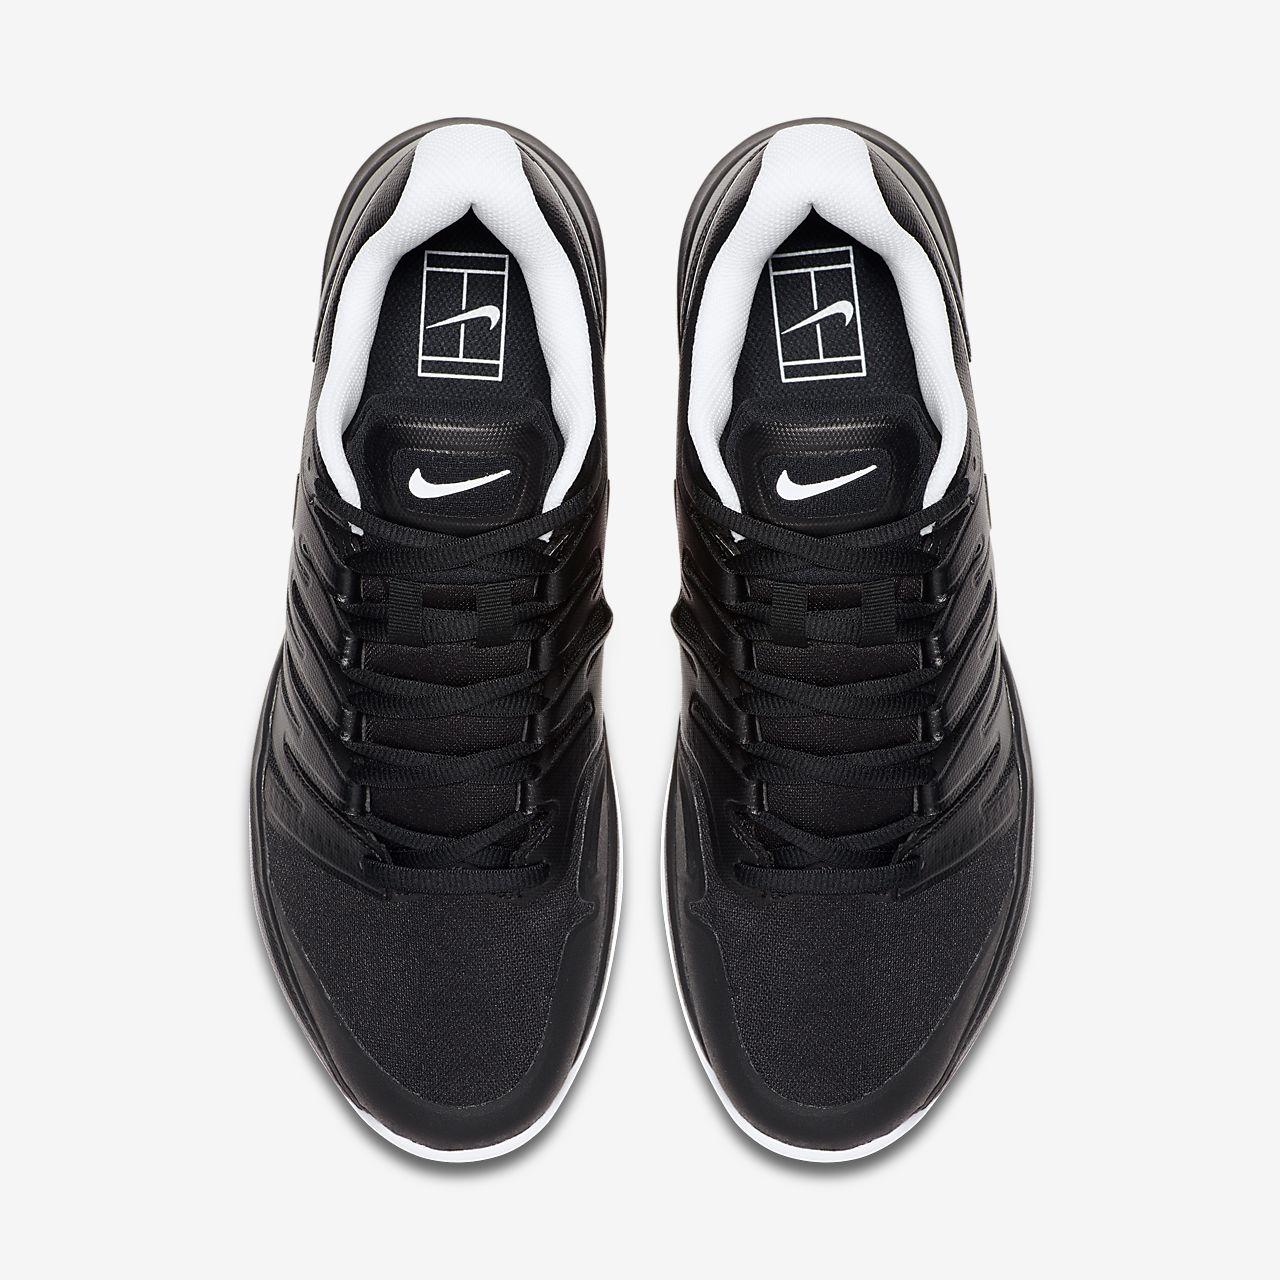 7bd2dd1f1b0 Nike Air Zoom Prestige Clay Zapatillas de tenis - Hombre. Nike.com ES